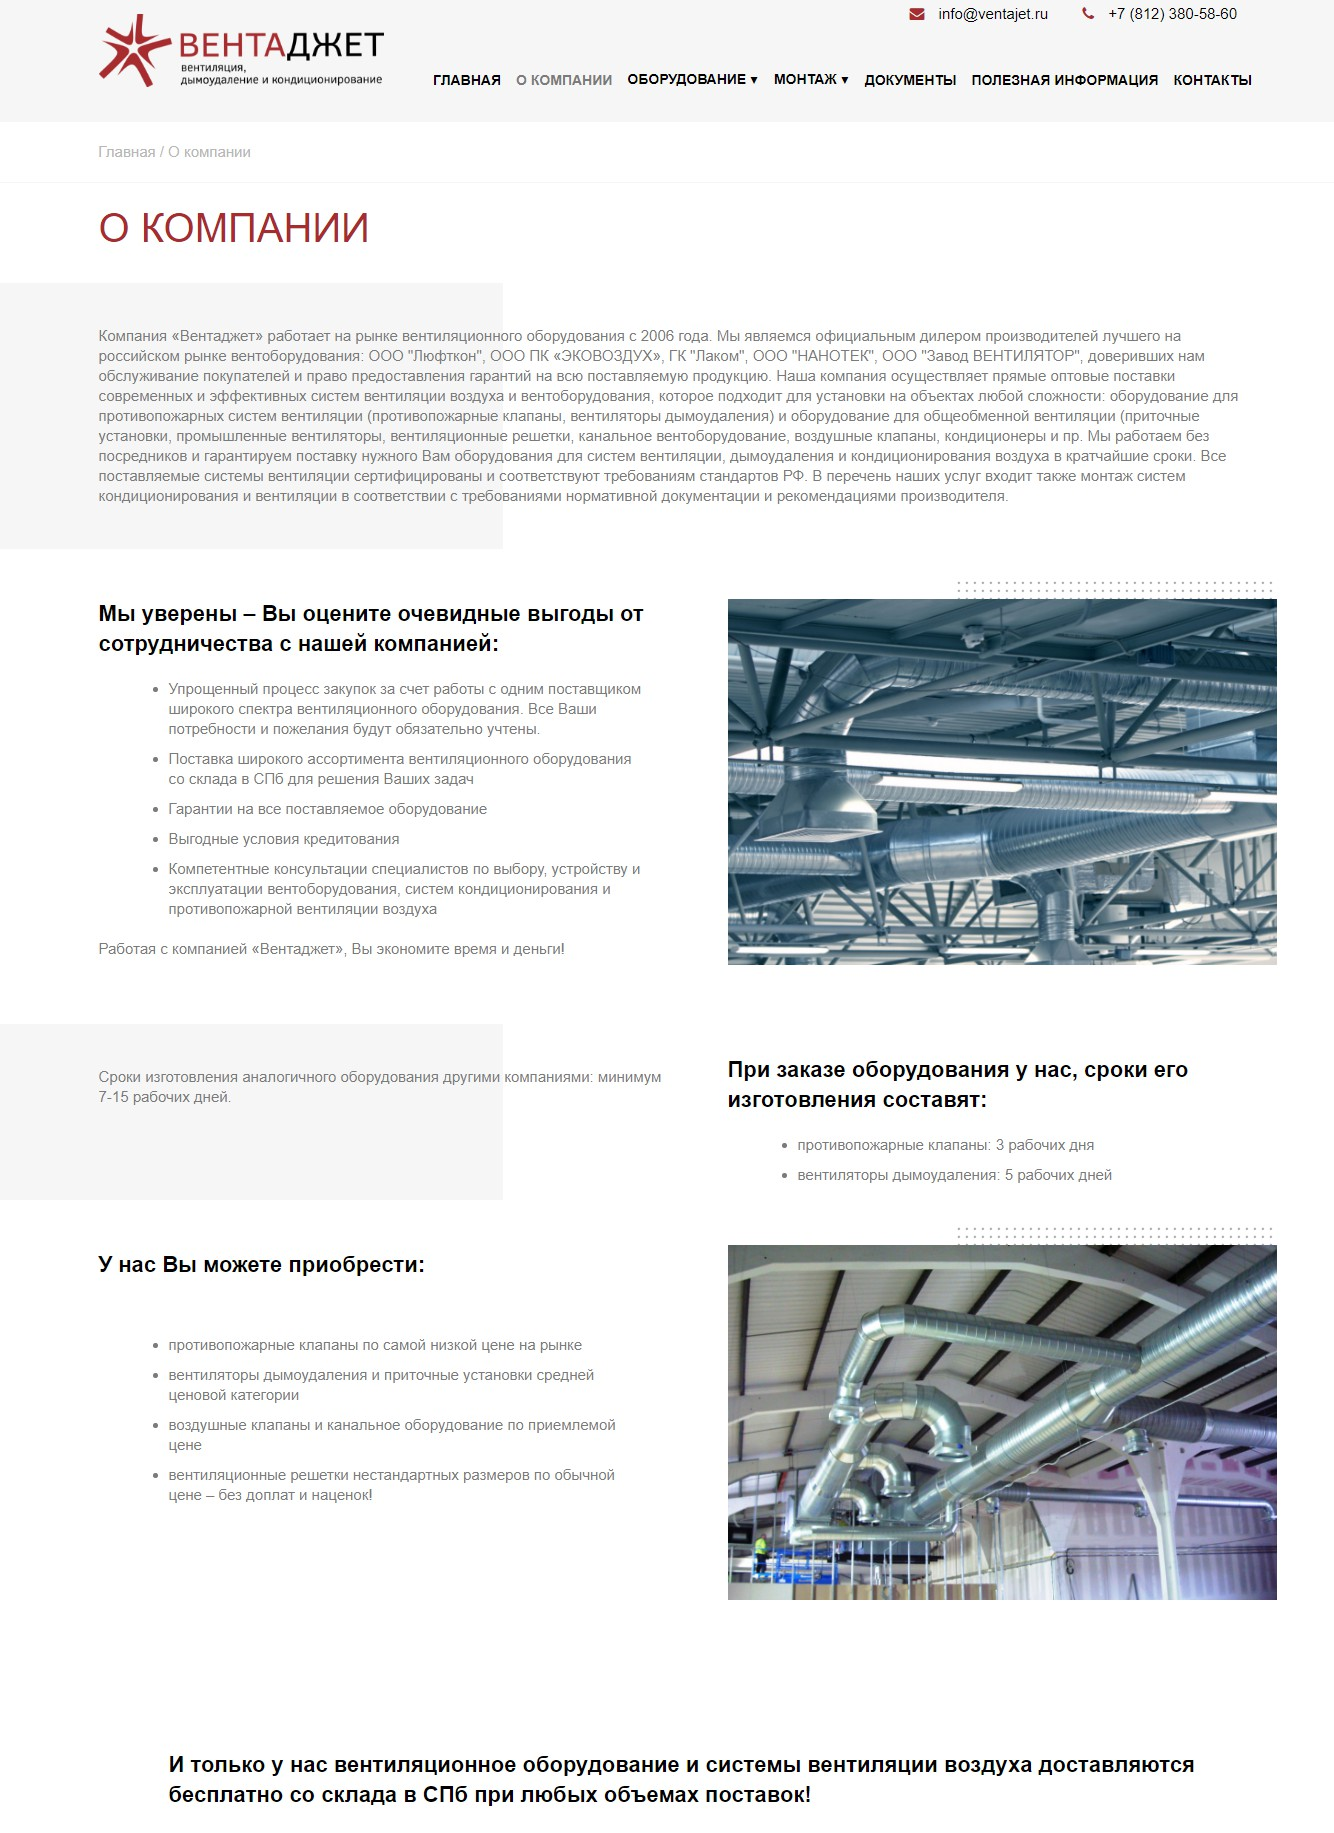 Системы вентиляции и кондиционирования воздуха